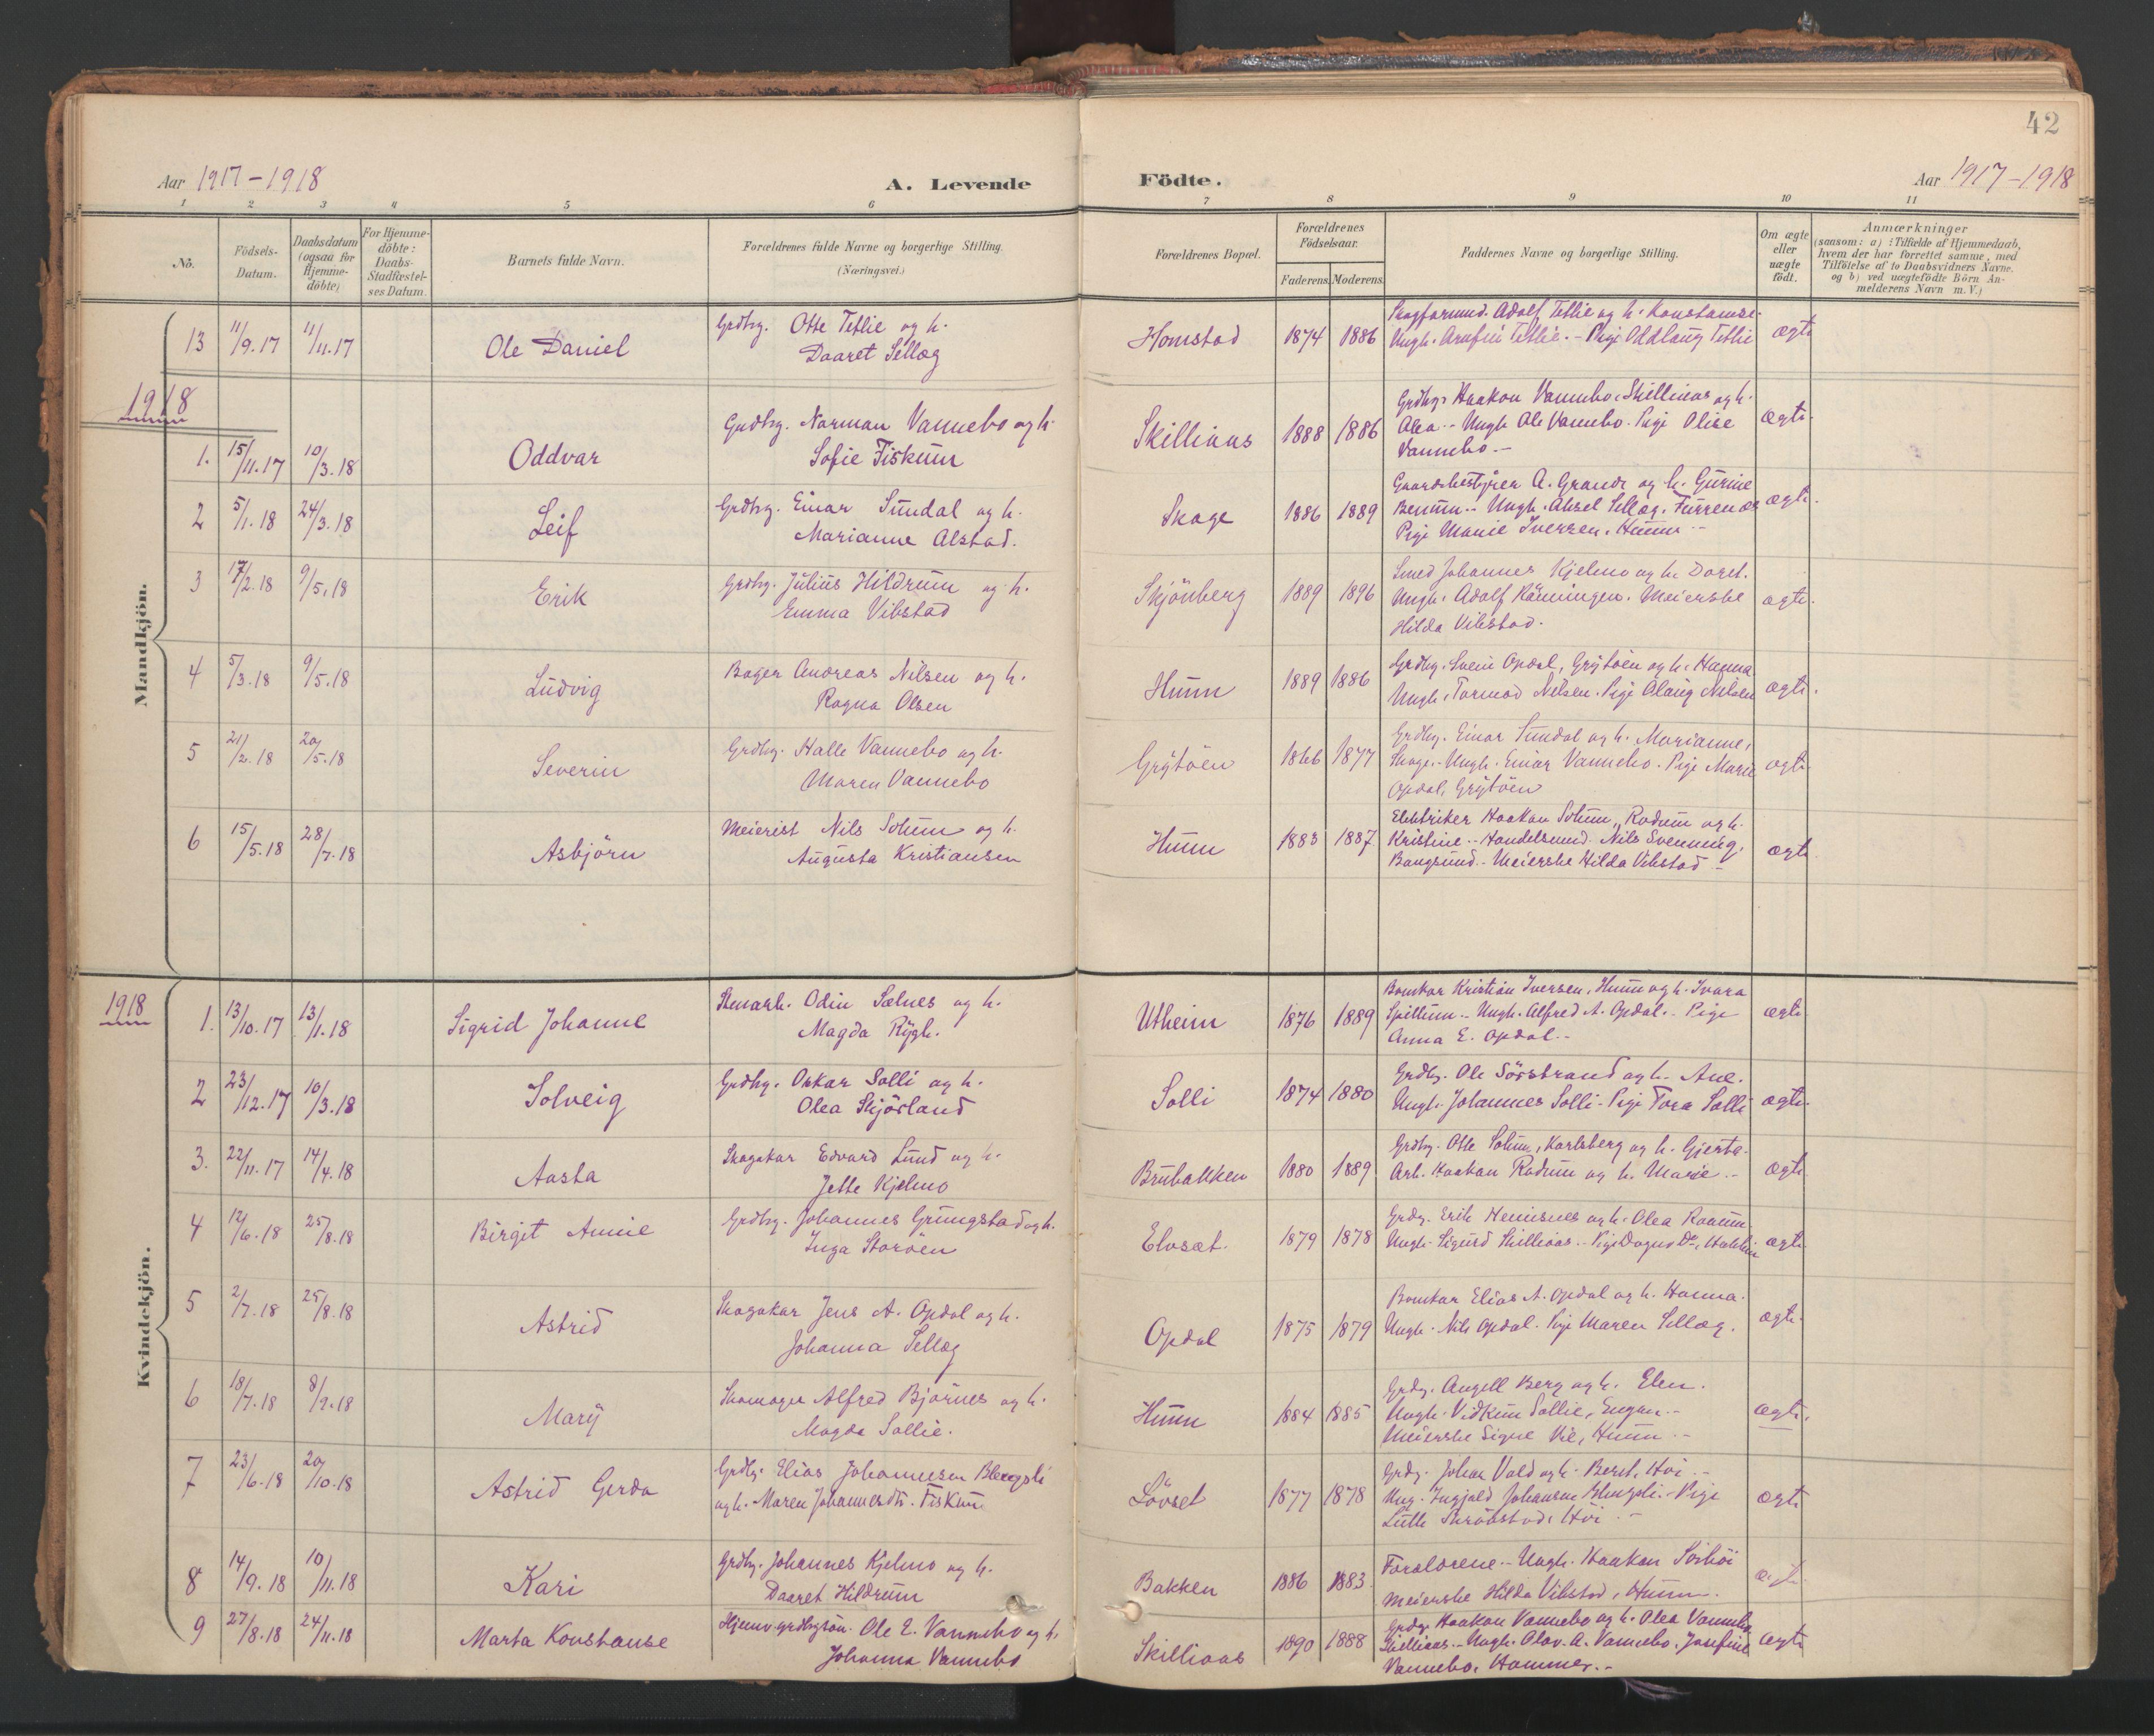 SAT, Ministerialprotokoller, klokkerbøker og fødselsregistre - Nord-Trøndelag, 766/L0564: Ministerialbok nr. 767A02, 1900-1932, s. 42